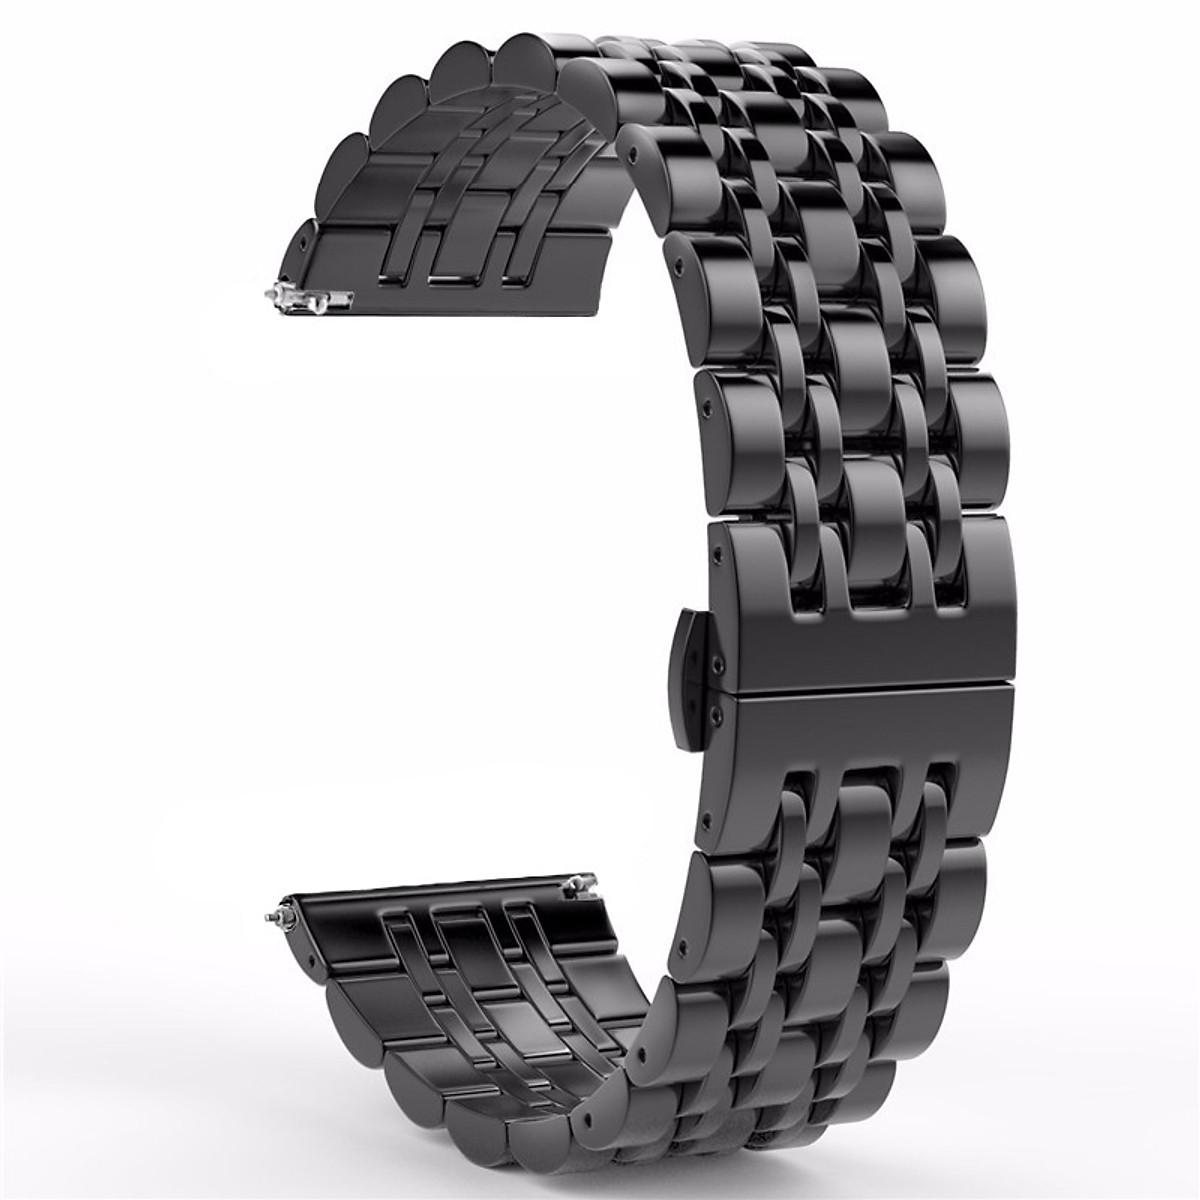 Dây Thép Genius cho đồng hồ Galaxy Watch 3/ Galaxy Watch 46/ Huawei GT 2/ Huawei GT/ Gear S3 Size 22mm